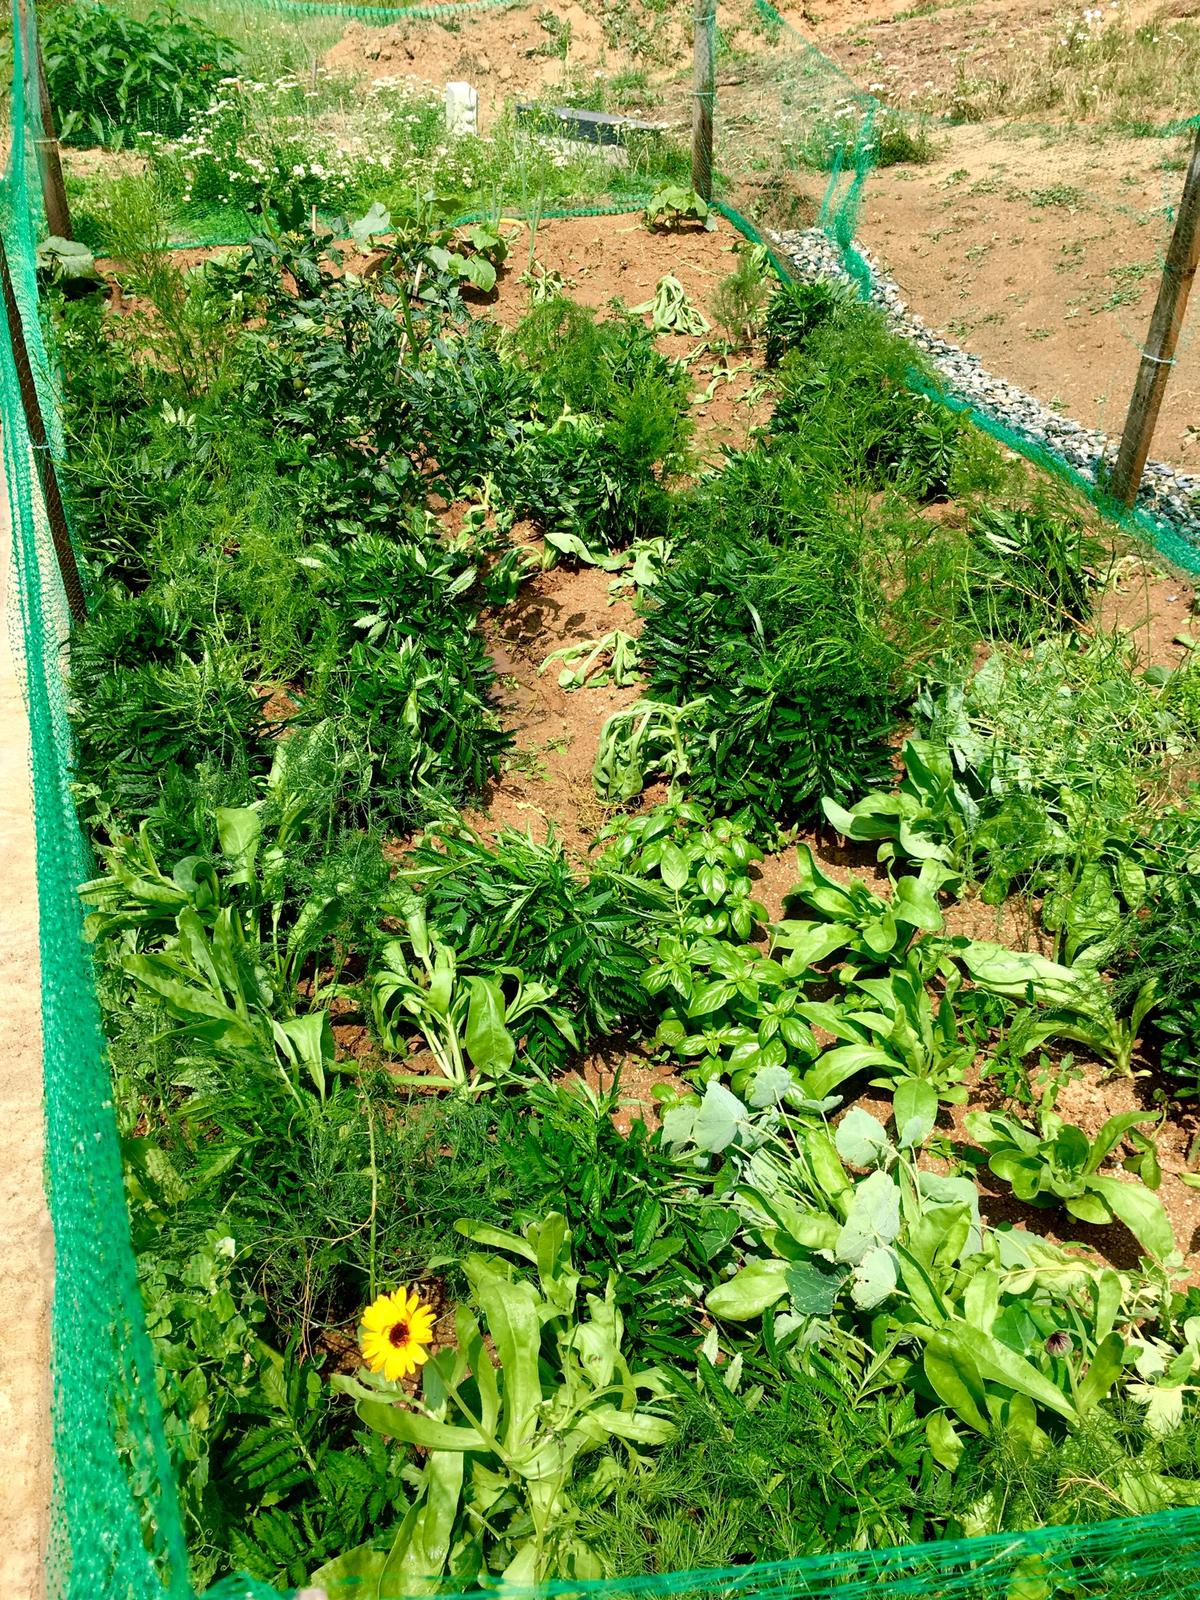 Skřítčí zahrada 2015 - 2020 - Červenec 2019 - měsíčky (má to být směs Flashback, zatím vykvetl jen jeden, obyčejně žlutý) jsem nasela moc nahusto, tak jsem je zkusila rozsadit, třeba se ty přepíchnuté chytnou